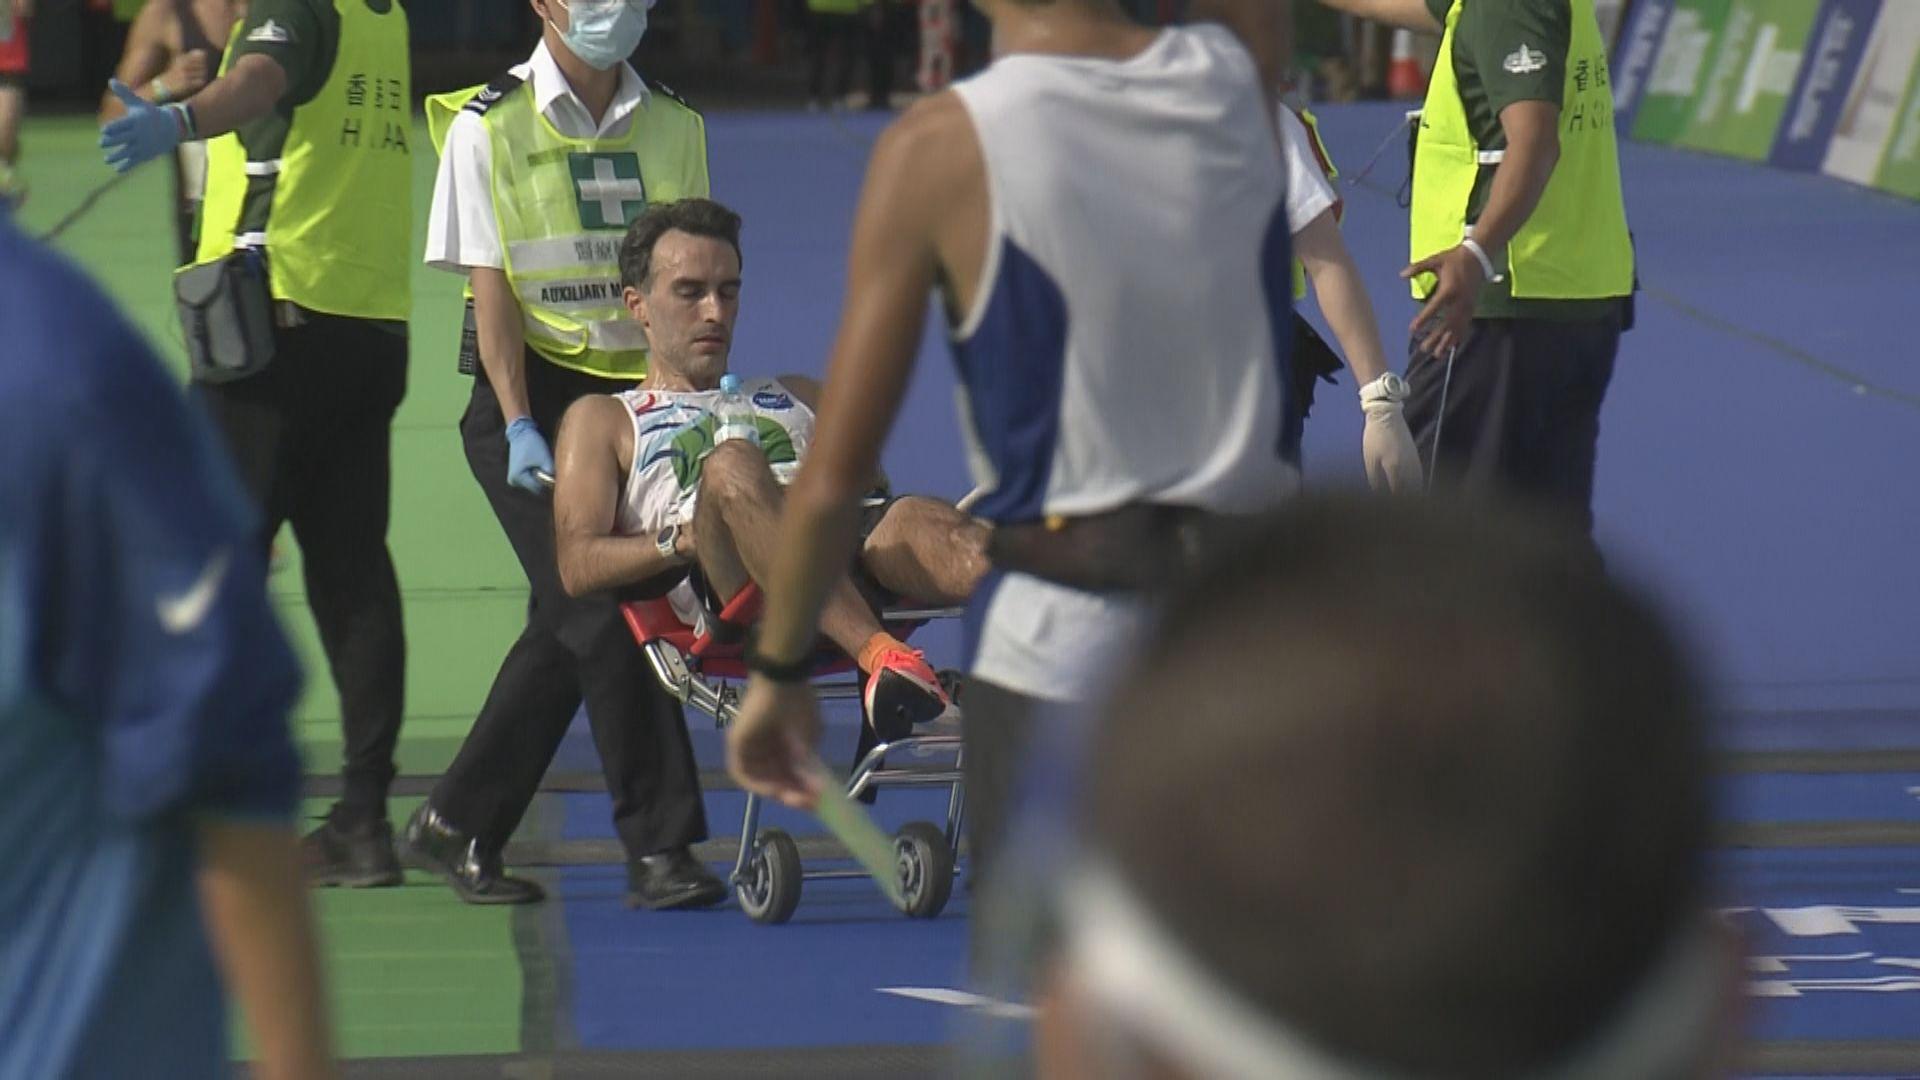 馬拉松賽事期間10人不適送院1人危殆